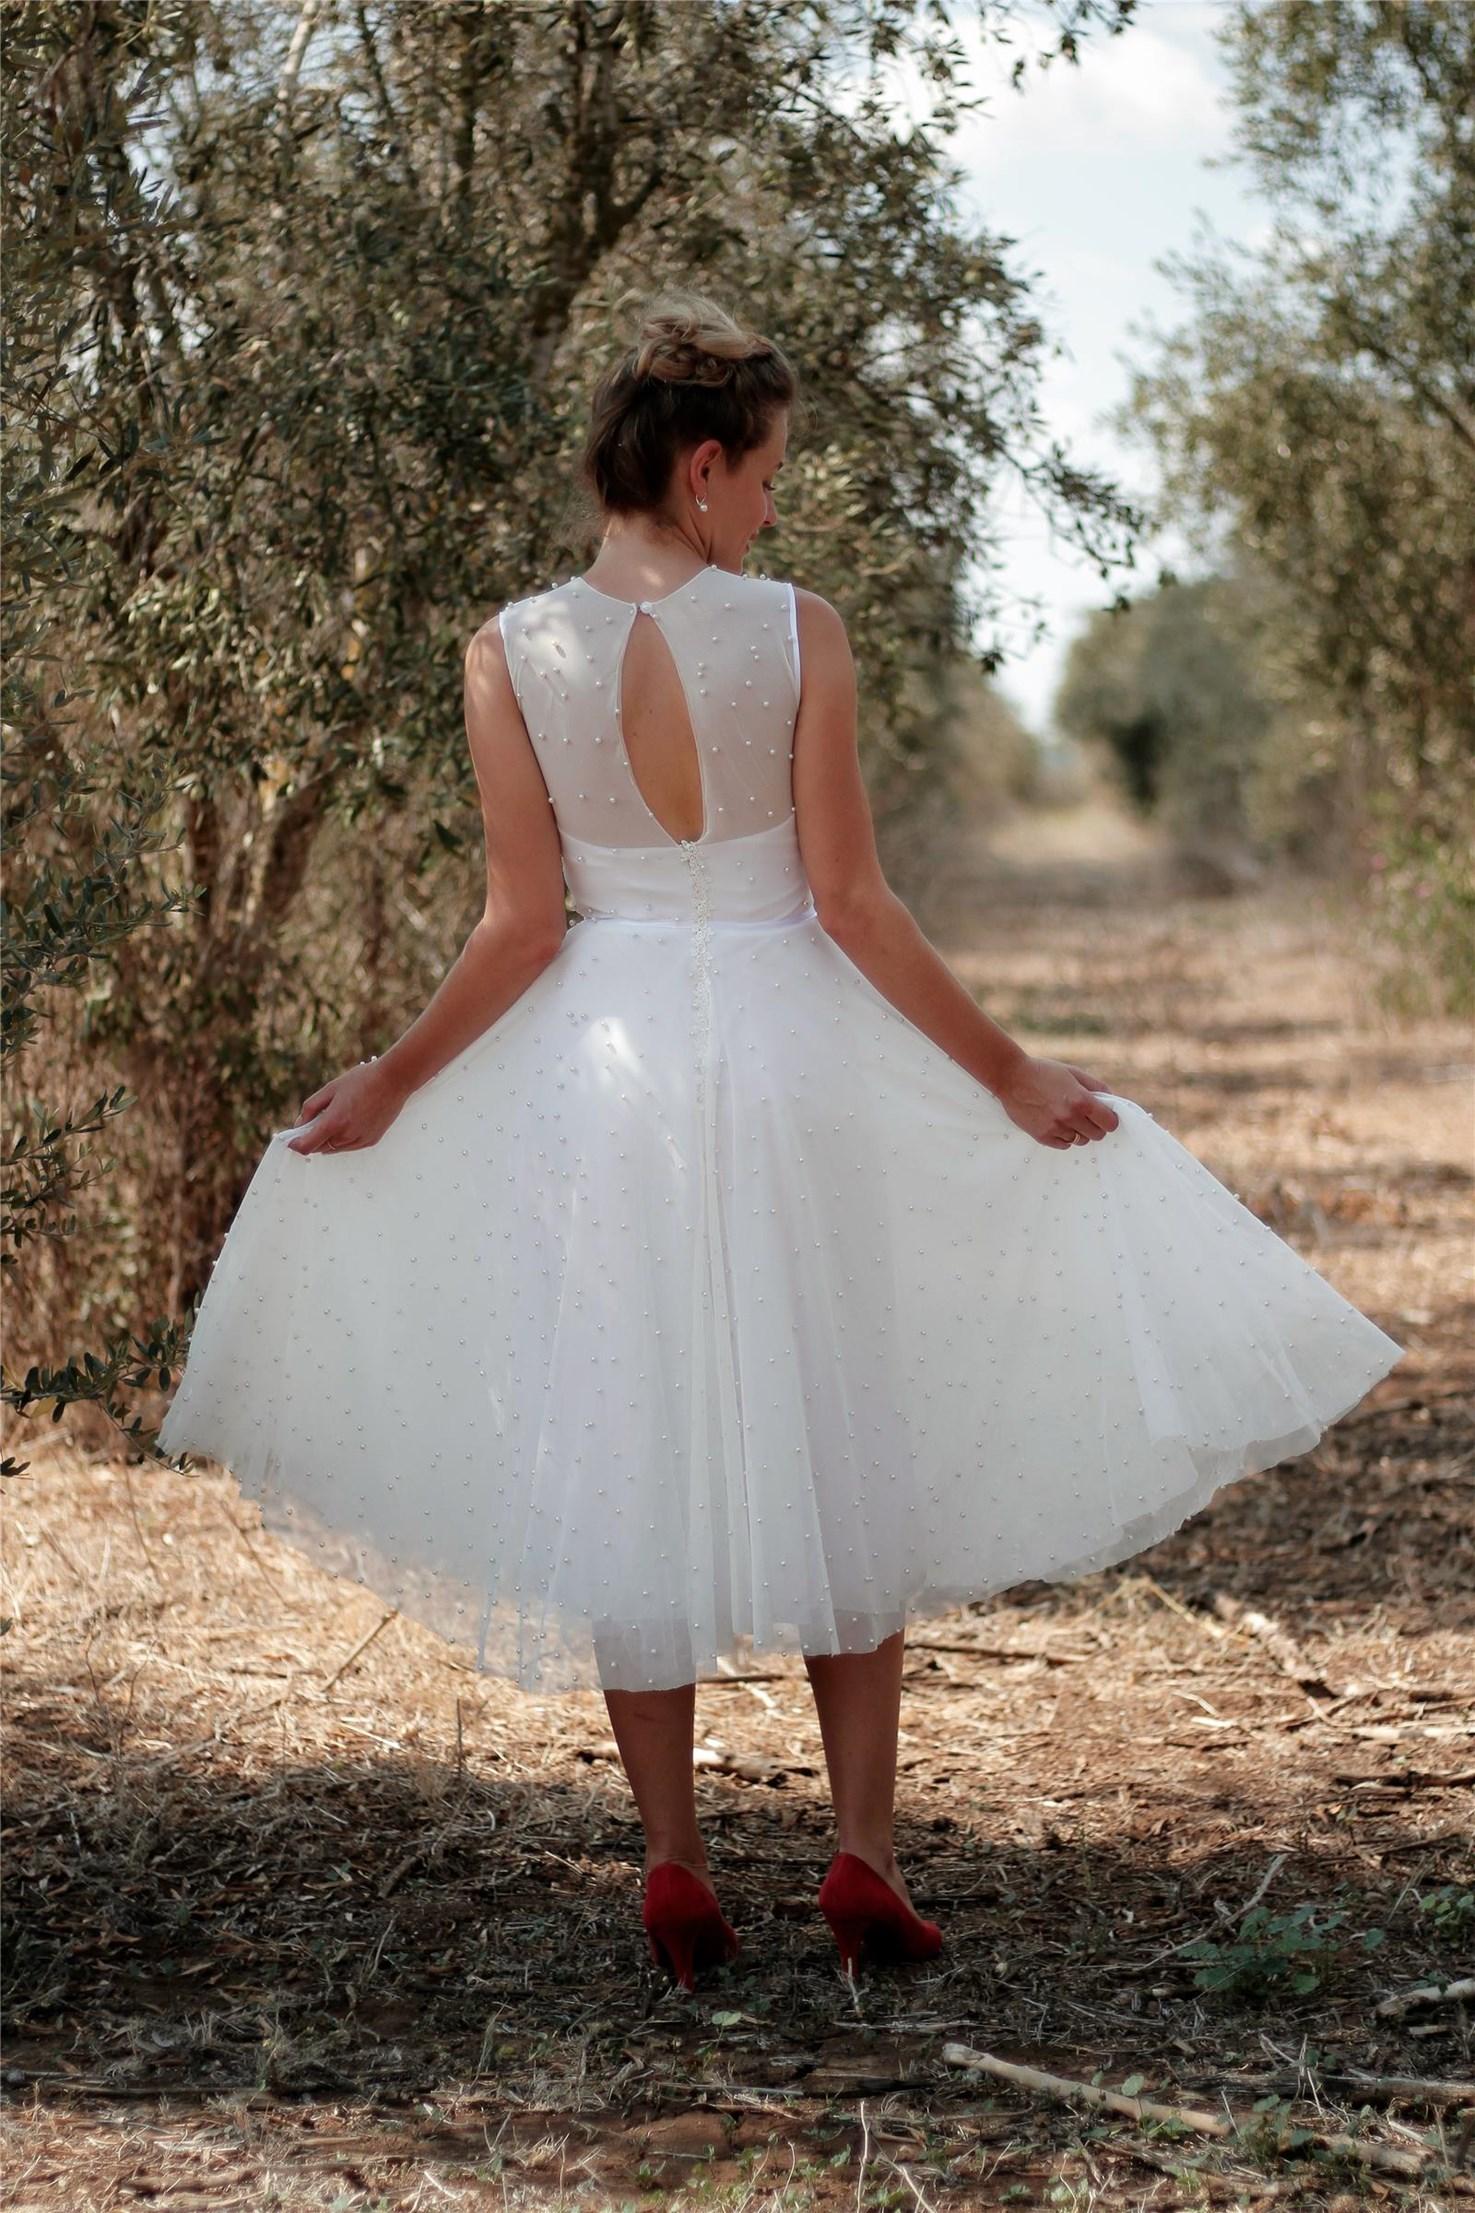 שמלת כלה - דגם יהודית של אור טוהר (צילום: רעות דגני)